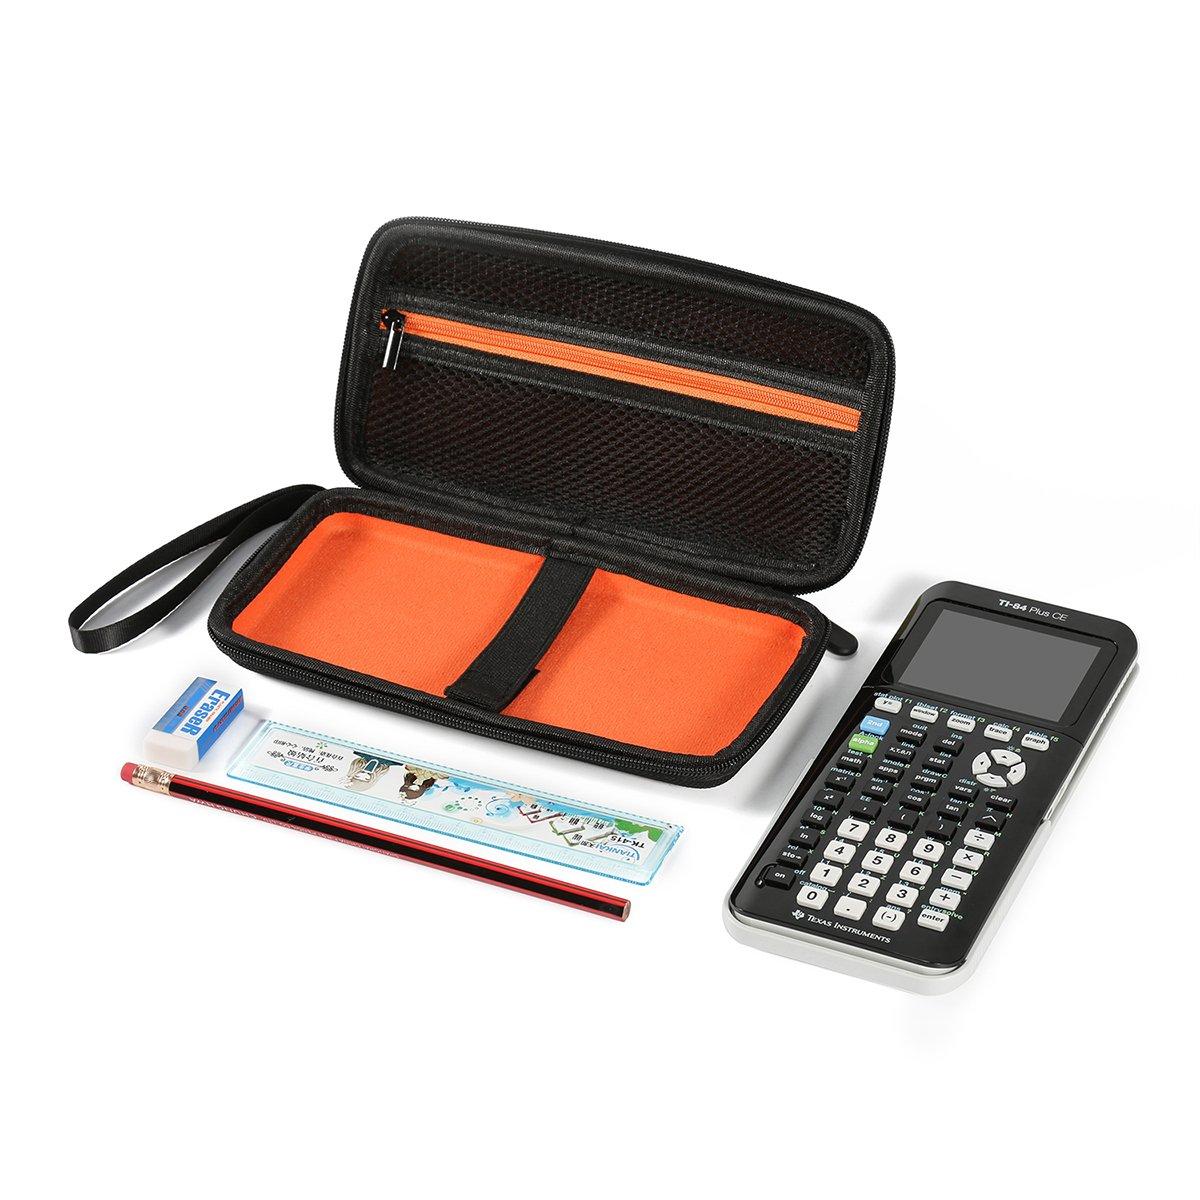 Plus CE dure EVA transportant bo/îtier de rangement voyage affaire sac pochette de protection antichoc Pixnor /à une repr/ésentation graphique calculatrice Texas Instruments TI-84